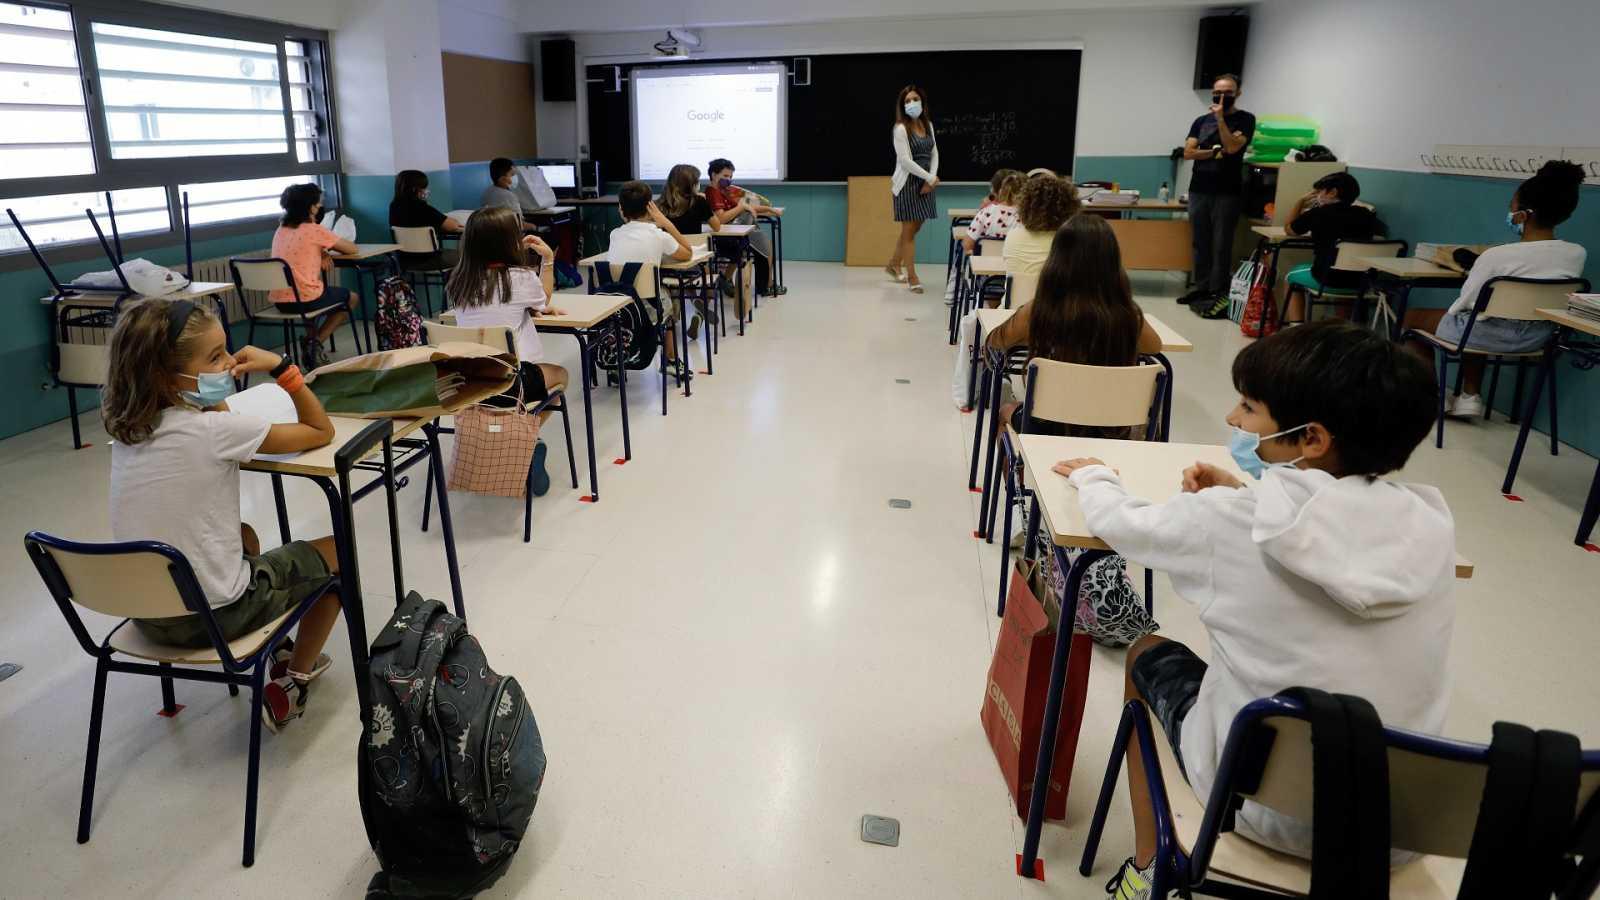 14 horas - Los sindicatos exigen ratios bajas y mantener el refuerzo de profesores - Escuchar ahora